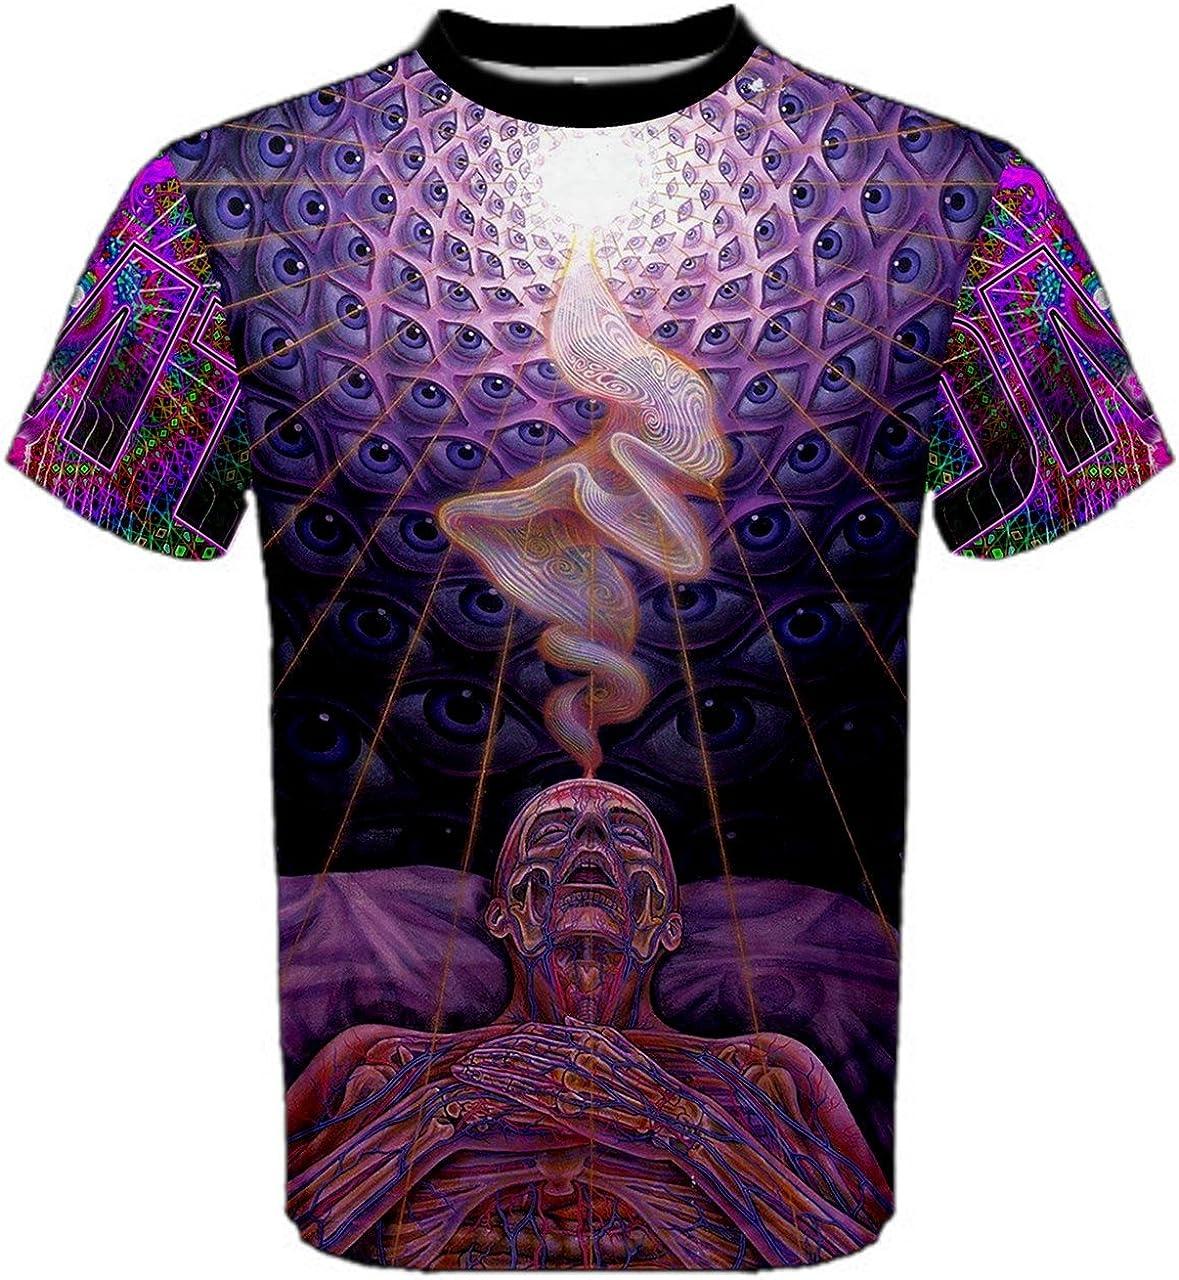 Camiseta para hombre worldx DMT Droga de alucinógeno LSD ACID Espiritual Hippie psicodélica: Amazon.es: Ropa y accesorios